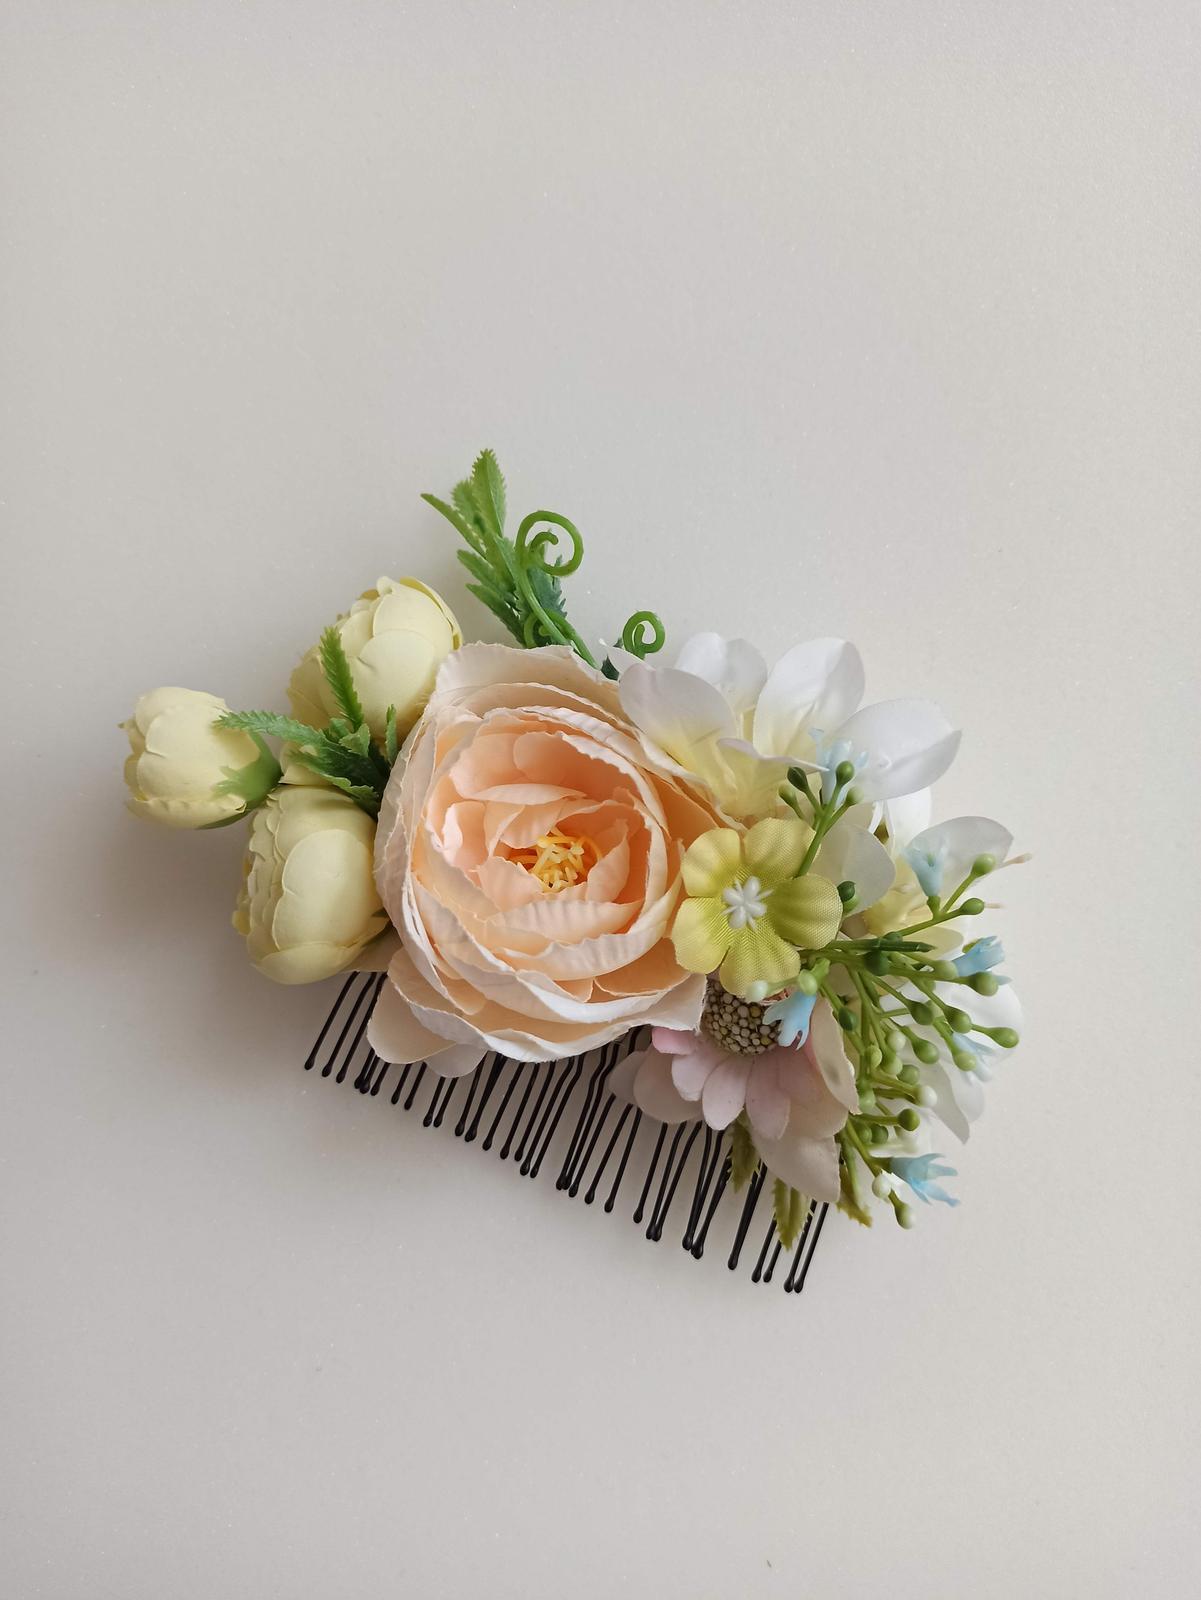 Z umelých kvetov - Obrázok č. 53